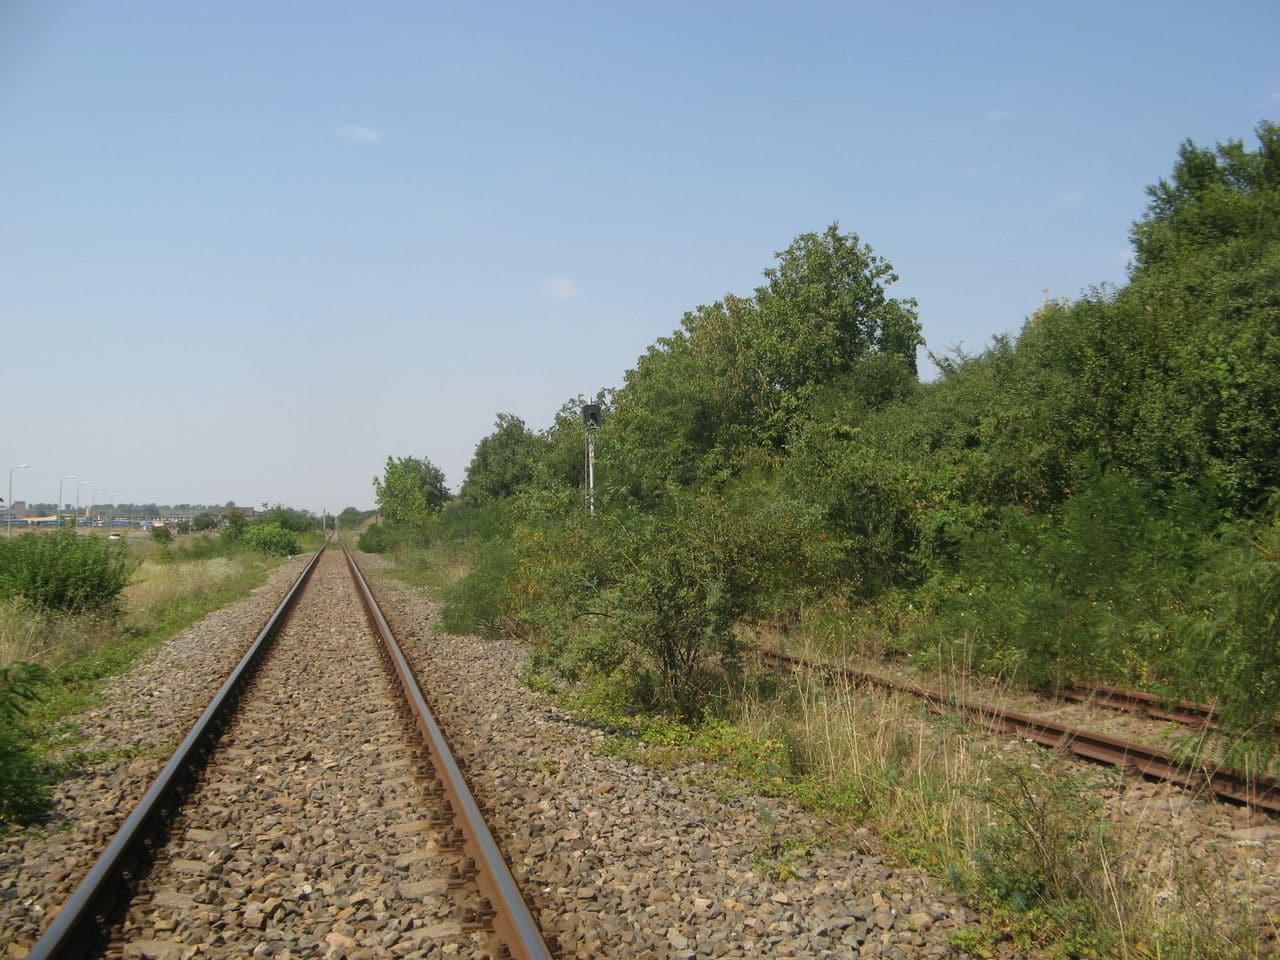 Calea ferată directă Oradea Vest - Episcopia Bihor IMG_0053